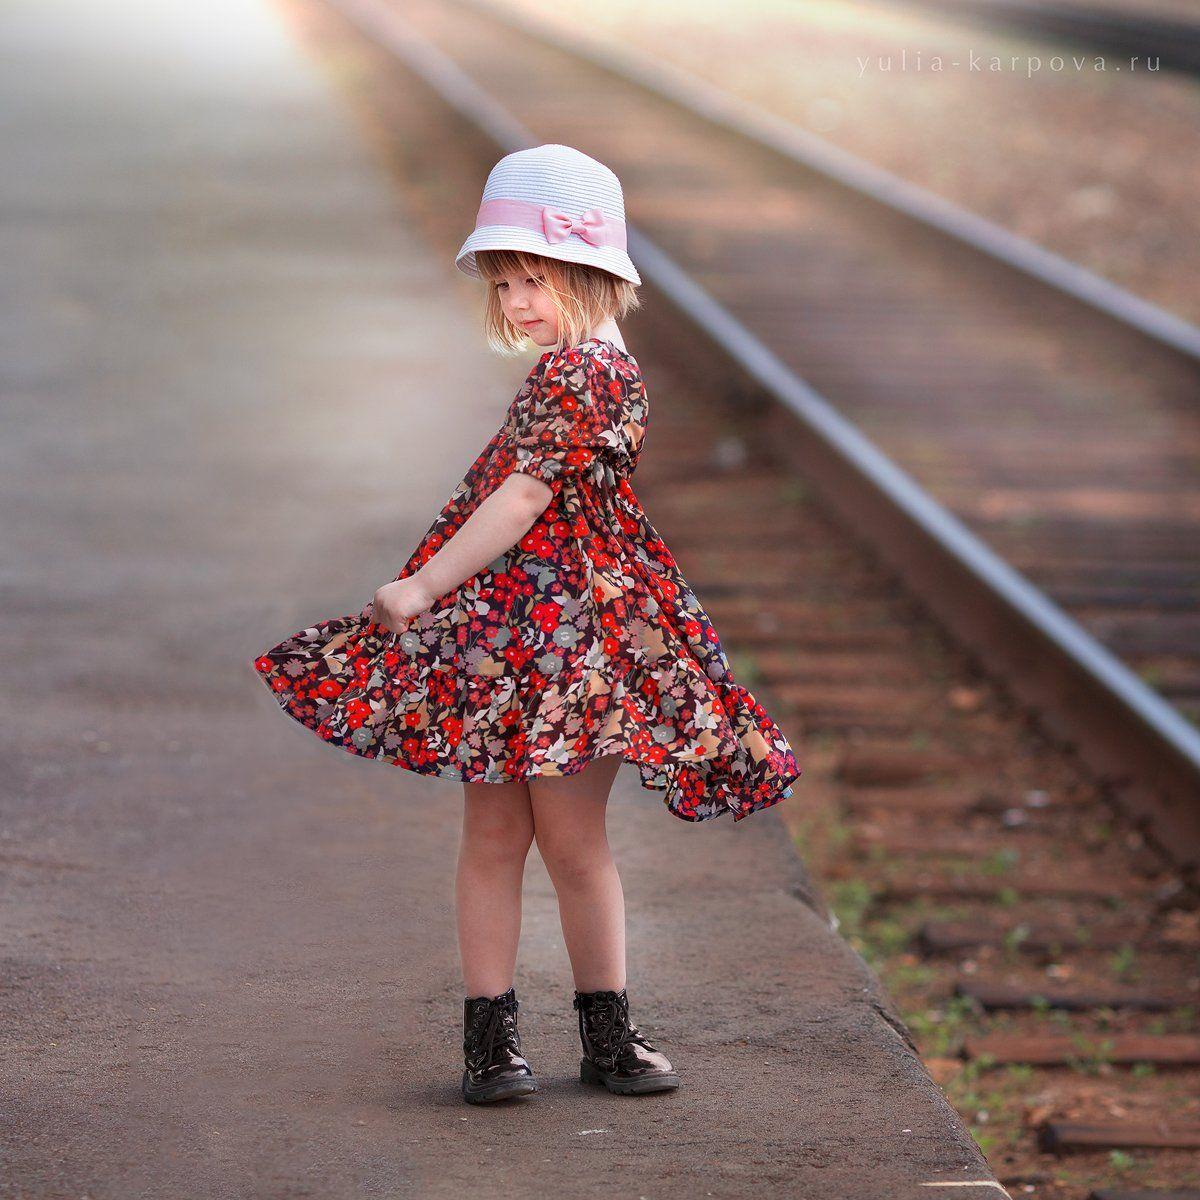 girl, portrait, kid, summertime, Юлия Карпова